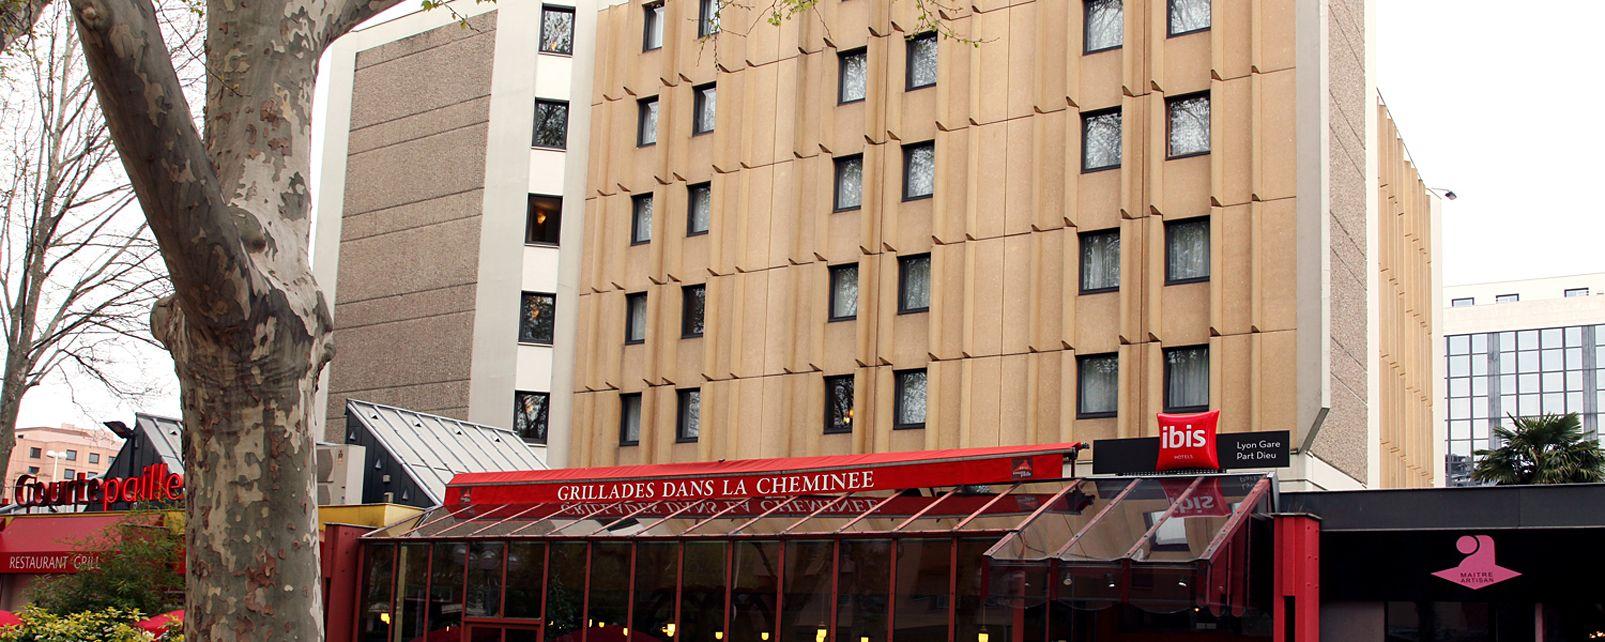 Hotels Economiques Lyon